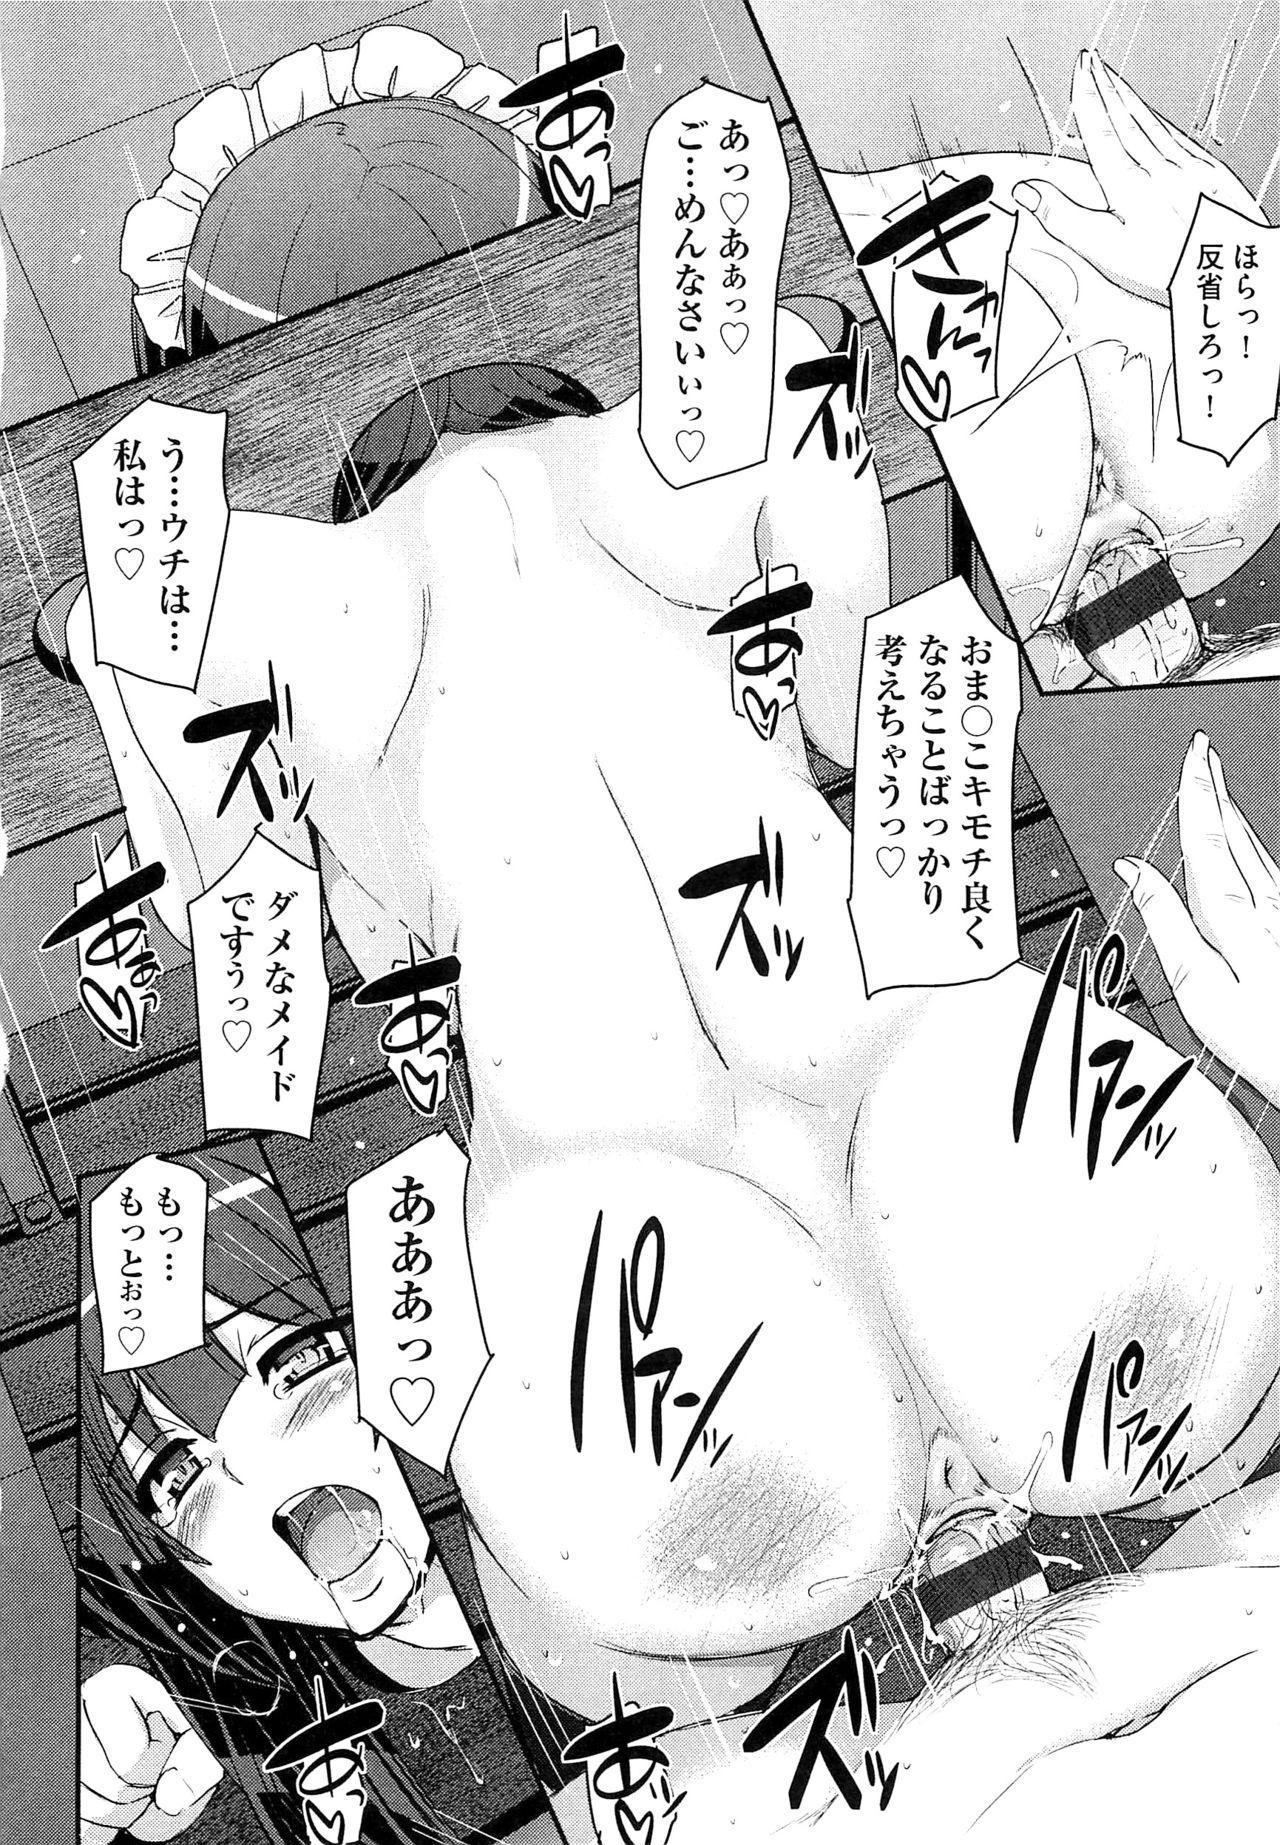 Maid Gakuen e Youkoso!! - Welcome to Maid Academy 99